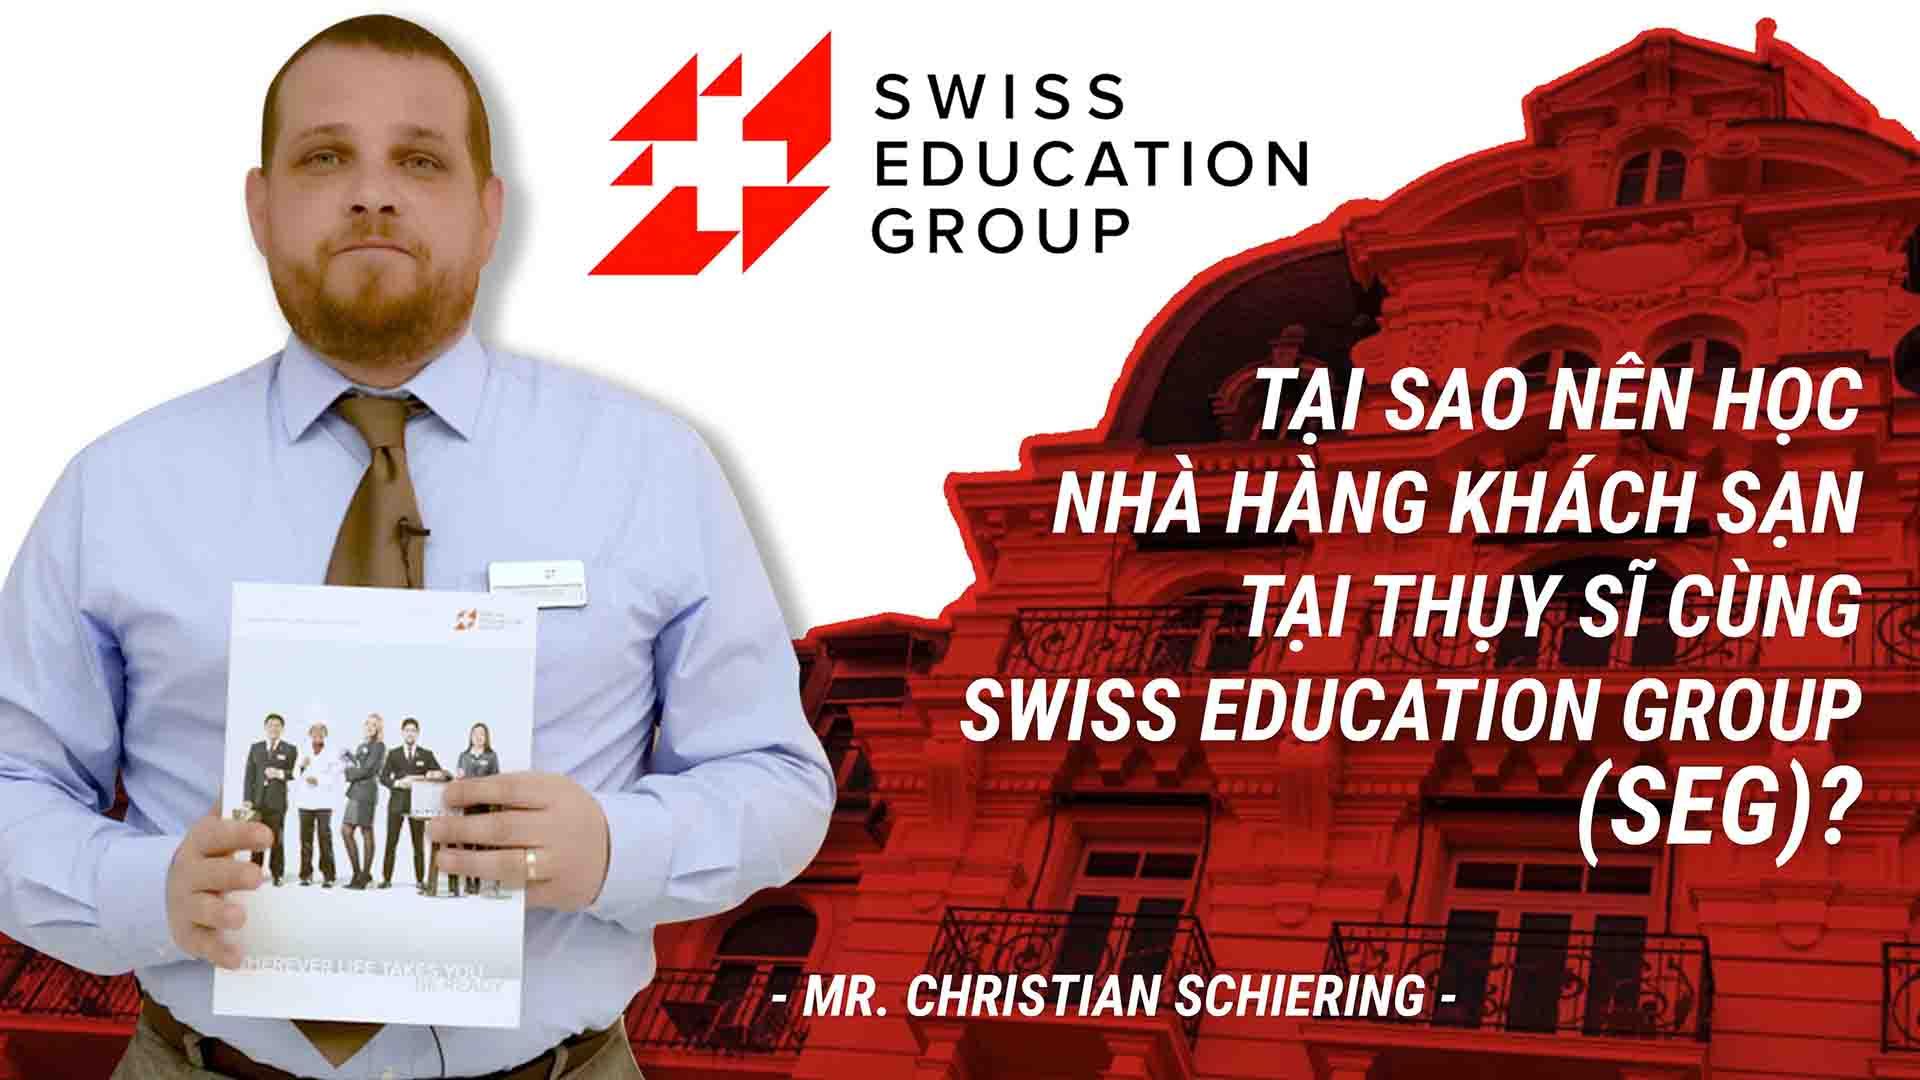 Thụy Sĩ vốn được biết đến là nơi khai sinh ra ngành nhà hàng khách sạn cho toàn thế giới. Đây cũng là nơi đào tạo nên 90% nhà quản lý, điều hành tài ba cho các khách sạn, nhà hàng cao cấp trên khắp toàn cầu. Thụy Sĩ cũng chính là nơi sở hữu số lượng các trường đào tạo ngành nhà hàng khách sạn danh tiếng nhiều hơn bất kỳ quốc gia nào khác, nổi bật trong số đó phải kể đến Swiss Education Group (SEG) với mạng lưới 5 trường thành viên là César Ritz Colleges, Culinary Arts Academy, Hotel Institute Montreux, IHTTI School of Hotel và Swiss Hotel Management School. Hãy lắng nghe những chia sẻ của Mr. Christian Schiering (Quản lý tuyển sinh khu vực châu Á - Thái Bình Dương) của SEG về chương trình học tại 5 trường thành viên để biết đâu là chọn lựa tốt nhất dành cho bạn nhé! Cơ hội gặp gỡ và trò chuyện trực tiếp với Mr. Christian Schiering để được chia sẻ kinh nghiệm khởi nghiệp trong ngành cũng như tìm hiểu chi tiết chương trình đào tạo nhà hàng khách sạn tại Thụy Sĩ, triển vọng việc làm và thăng tiến trong tương lai. • Lúc: 9h00 Chủ nhật, ngày 10/03/2019 • Tại: Liberty Central Saigon Riverside Hotel, 17 Tôn Đức Thắng, Quận 1, TP. HCM Đăng ký tham dự tại đây hoặc hotline: 093 409 8883. Xem thông tin chi tiết tại: https://duhocinec.com/hoi-thao-du-hoc...  Liên hệ đại diện tuyển sinh chính thức của Swiss Education Group tại Việt Nam - Công ty Du học INEC để được tư vấn và hỗ trợ chi tiết: • Tổng đài: 1900 636 990 • Hotline KV miền Bắc & Nam: 093 409 2662 - 093 409 9948 • Hotline KV miền Trung: 093 409 9070 - 093 409 4449 • Email: inec@inec.vn • Website: https://duhocinec.com/du-hoc-thuy-si